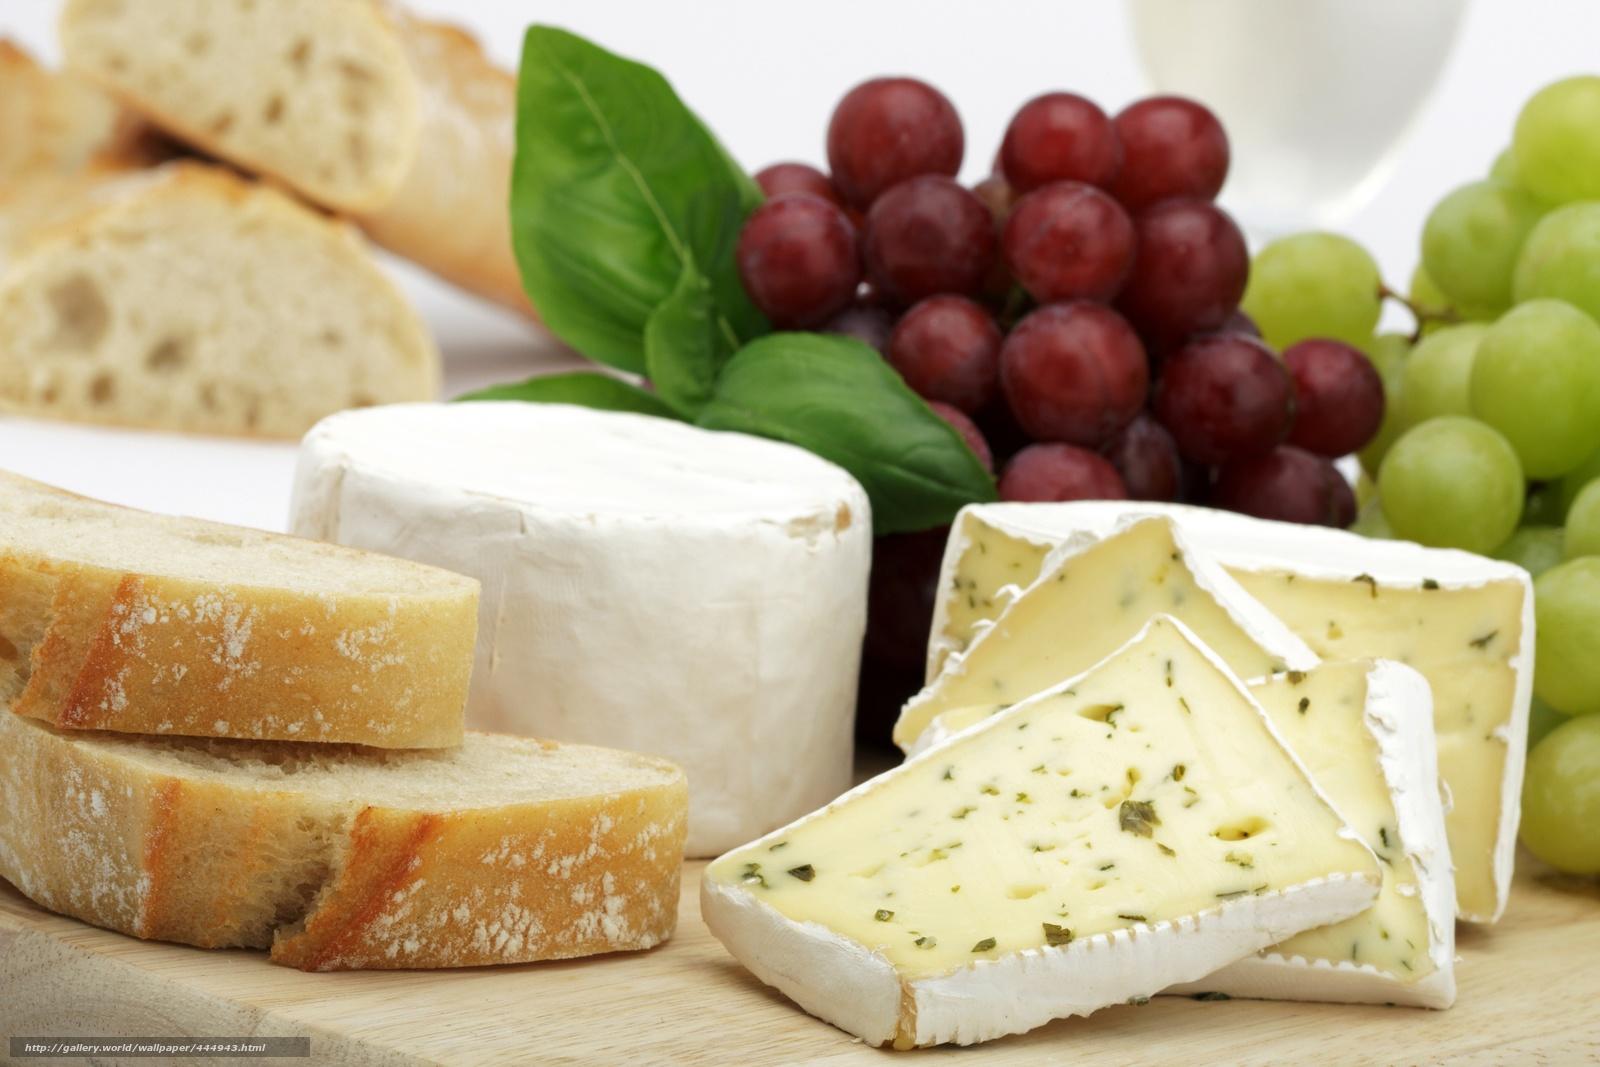 Скачать обои cheese,  grapes,  bread,  board бесплатно для рабочего стола в разрешении 8500x5667 — картинка №444943